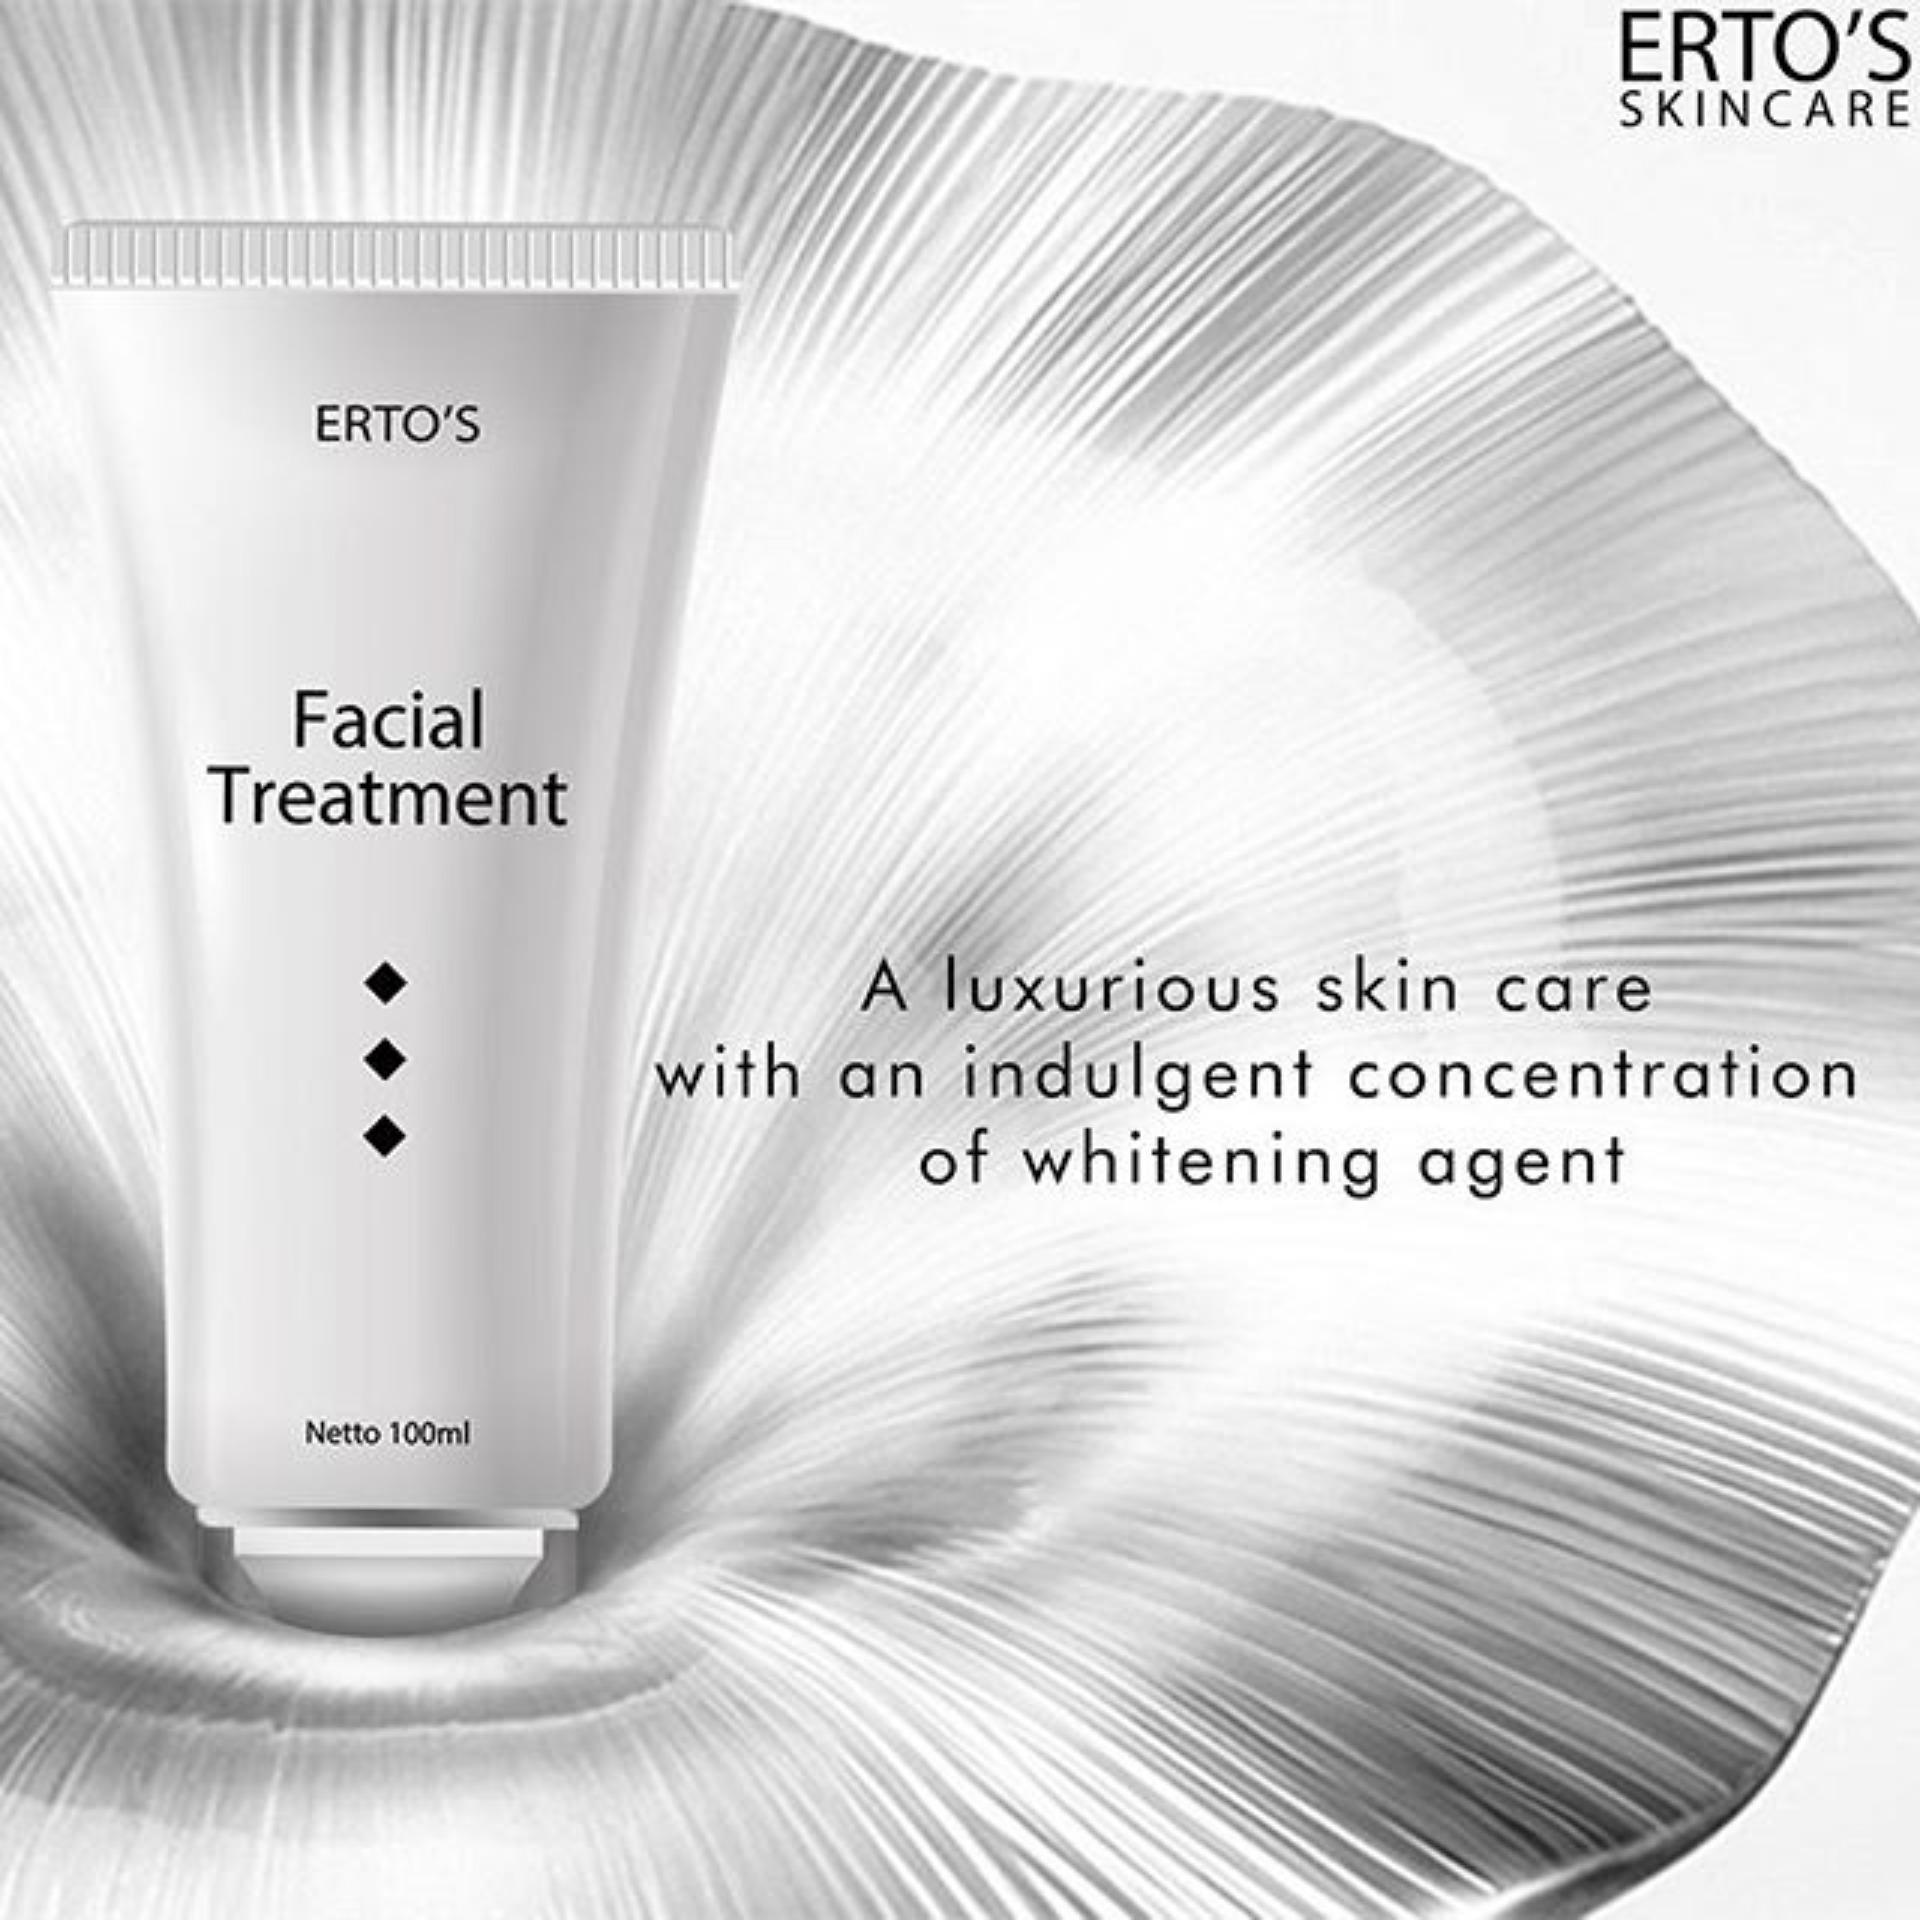 Penawaran Ertos Facial Treatment Krim Untuk Wajah Dan Muka Facian Skincare